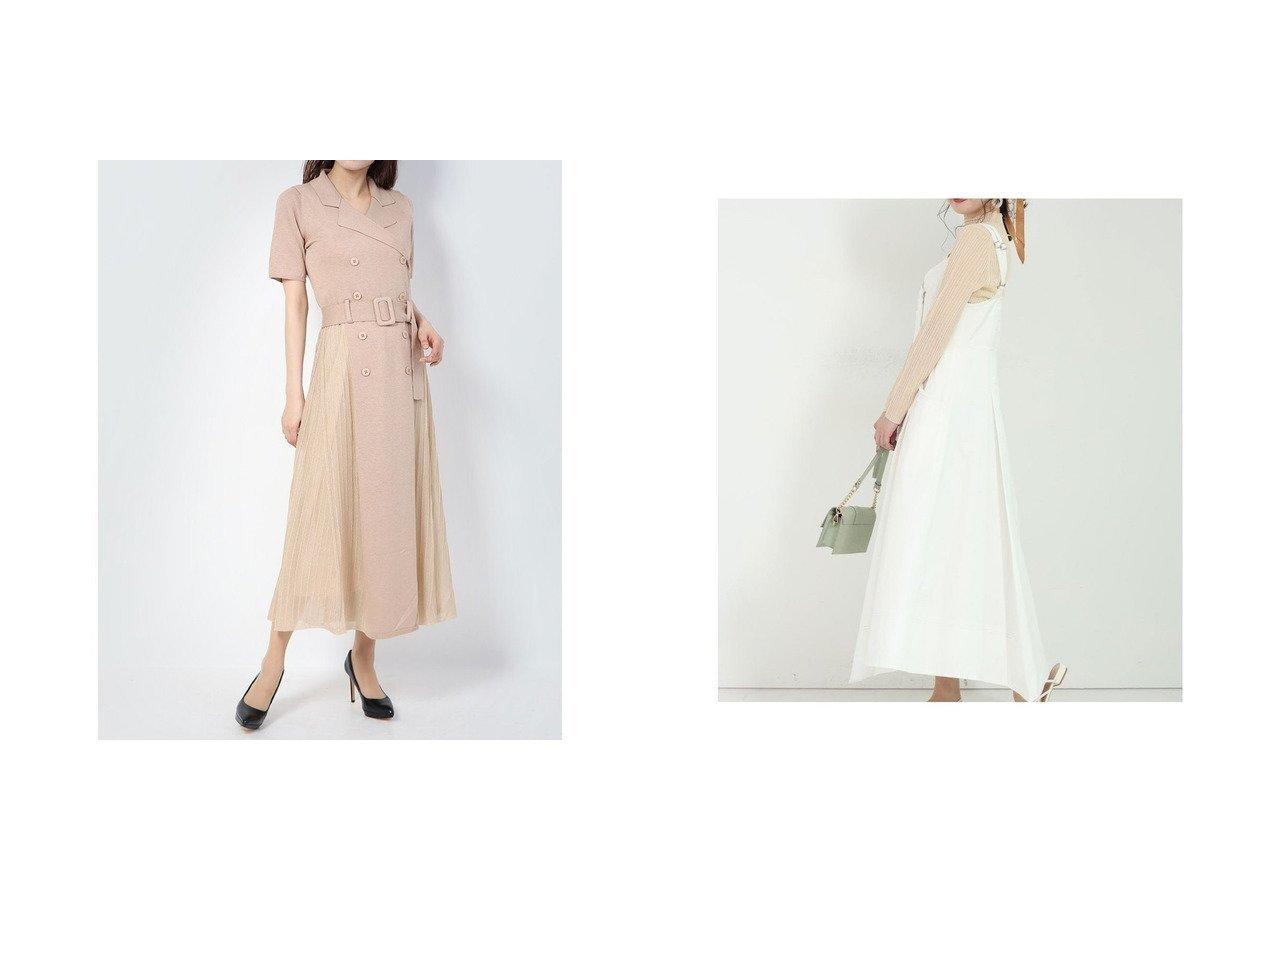 【Lily Brown/リリーブラウン】のシアー切替ニットワンピース&【Mystrada/マイストラーダ】のイレヘムデニムワンピース ワンピース・ドレスのおすすめ!人気、トレンド・レディースファッションの通販  おすすめで人気の流行・トレンド、ファッションの通販商品 メンズファッション・キッズファッション・インテリア・家具・レディースファッション・服の通販 founy(ファニー) https://founy.com/ ファッション Fashion レディースファッション WOMEN ワンピース Dress ニットワンピース Knit Dresses エレガント シアー スマート ダブル フロント プリーツ 切替 インナー カットオフ デニム フレア モダン ロング |ID:crp329100000010237